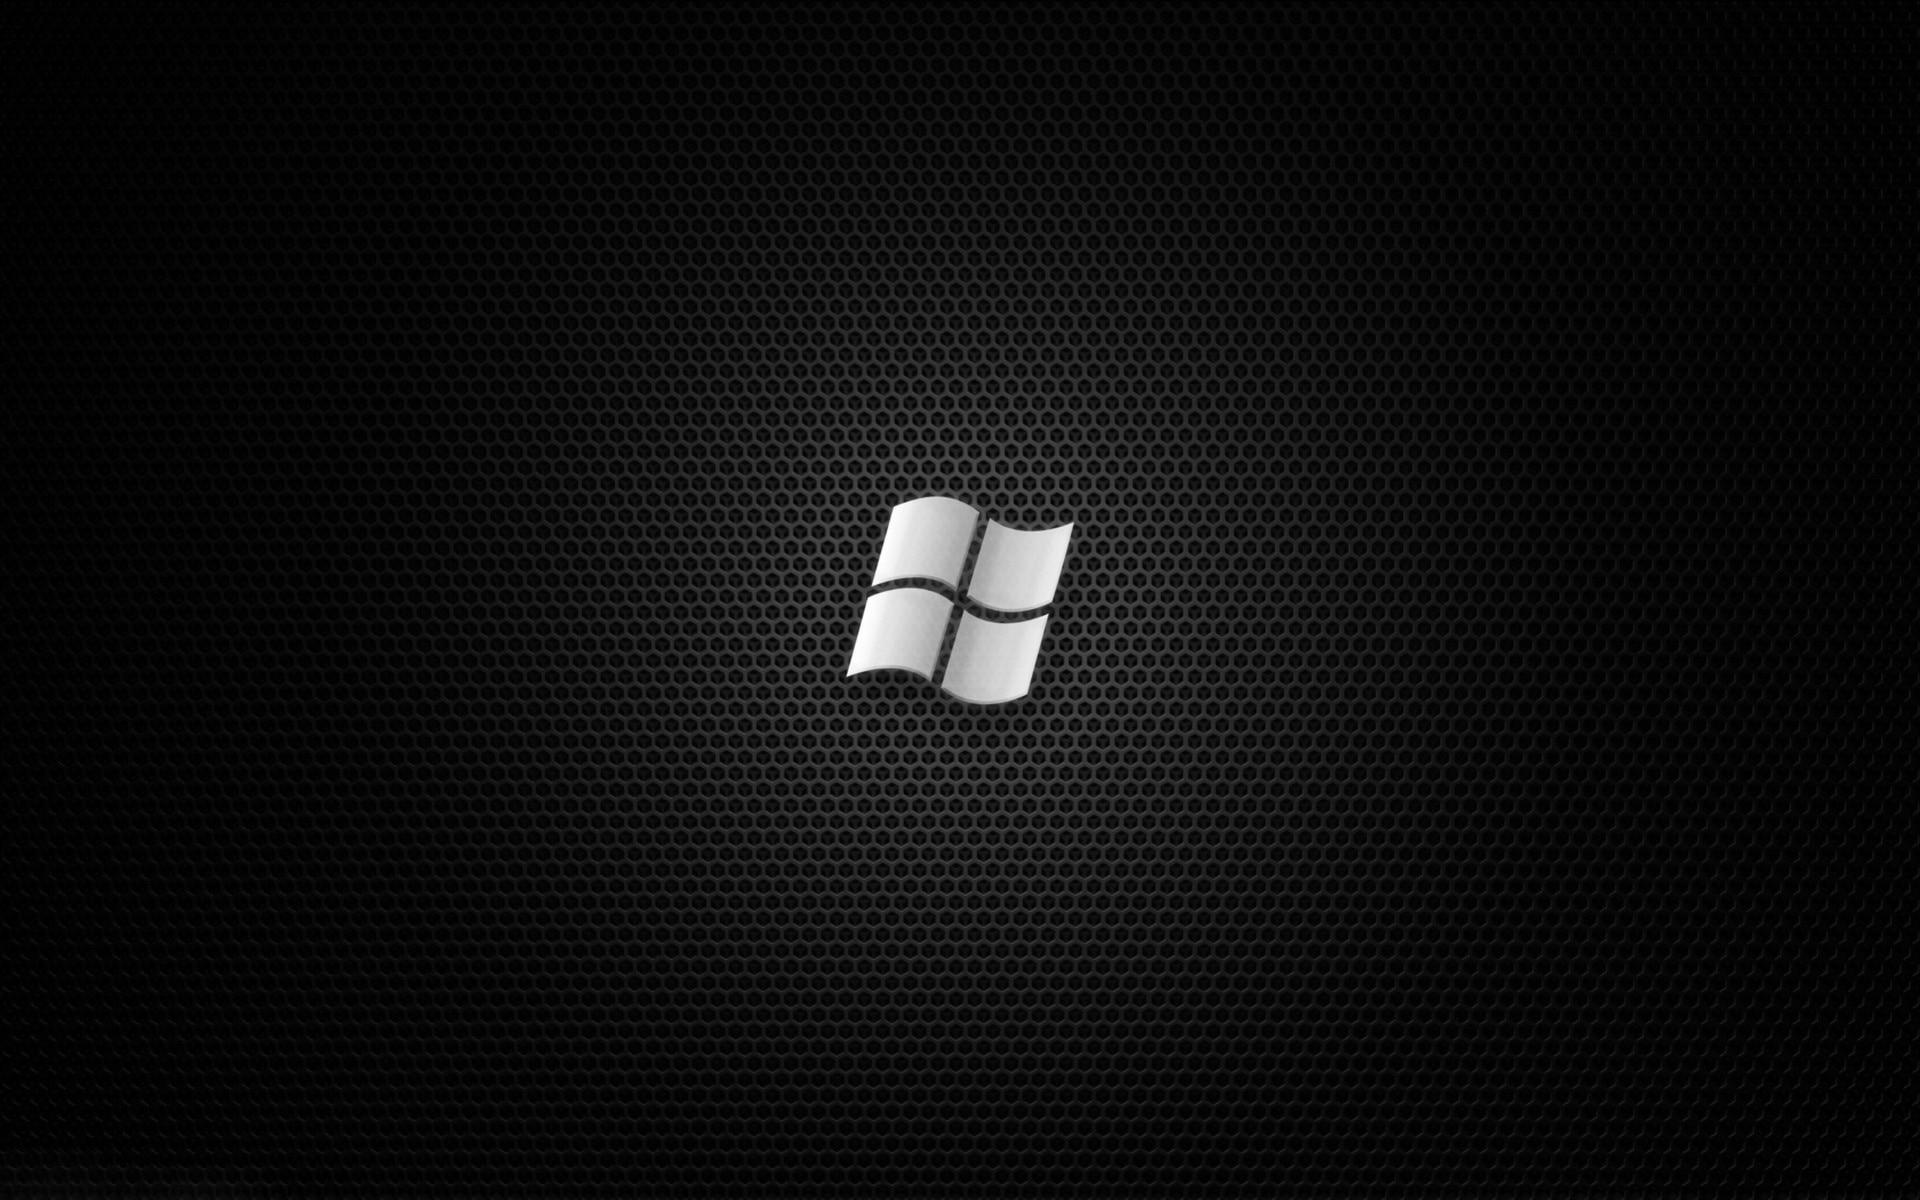 Windows Black Desktop Wallpapers